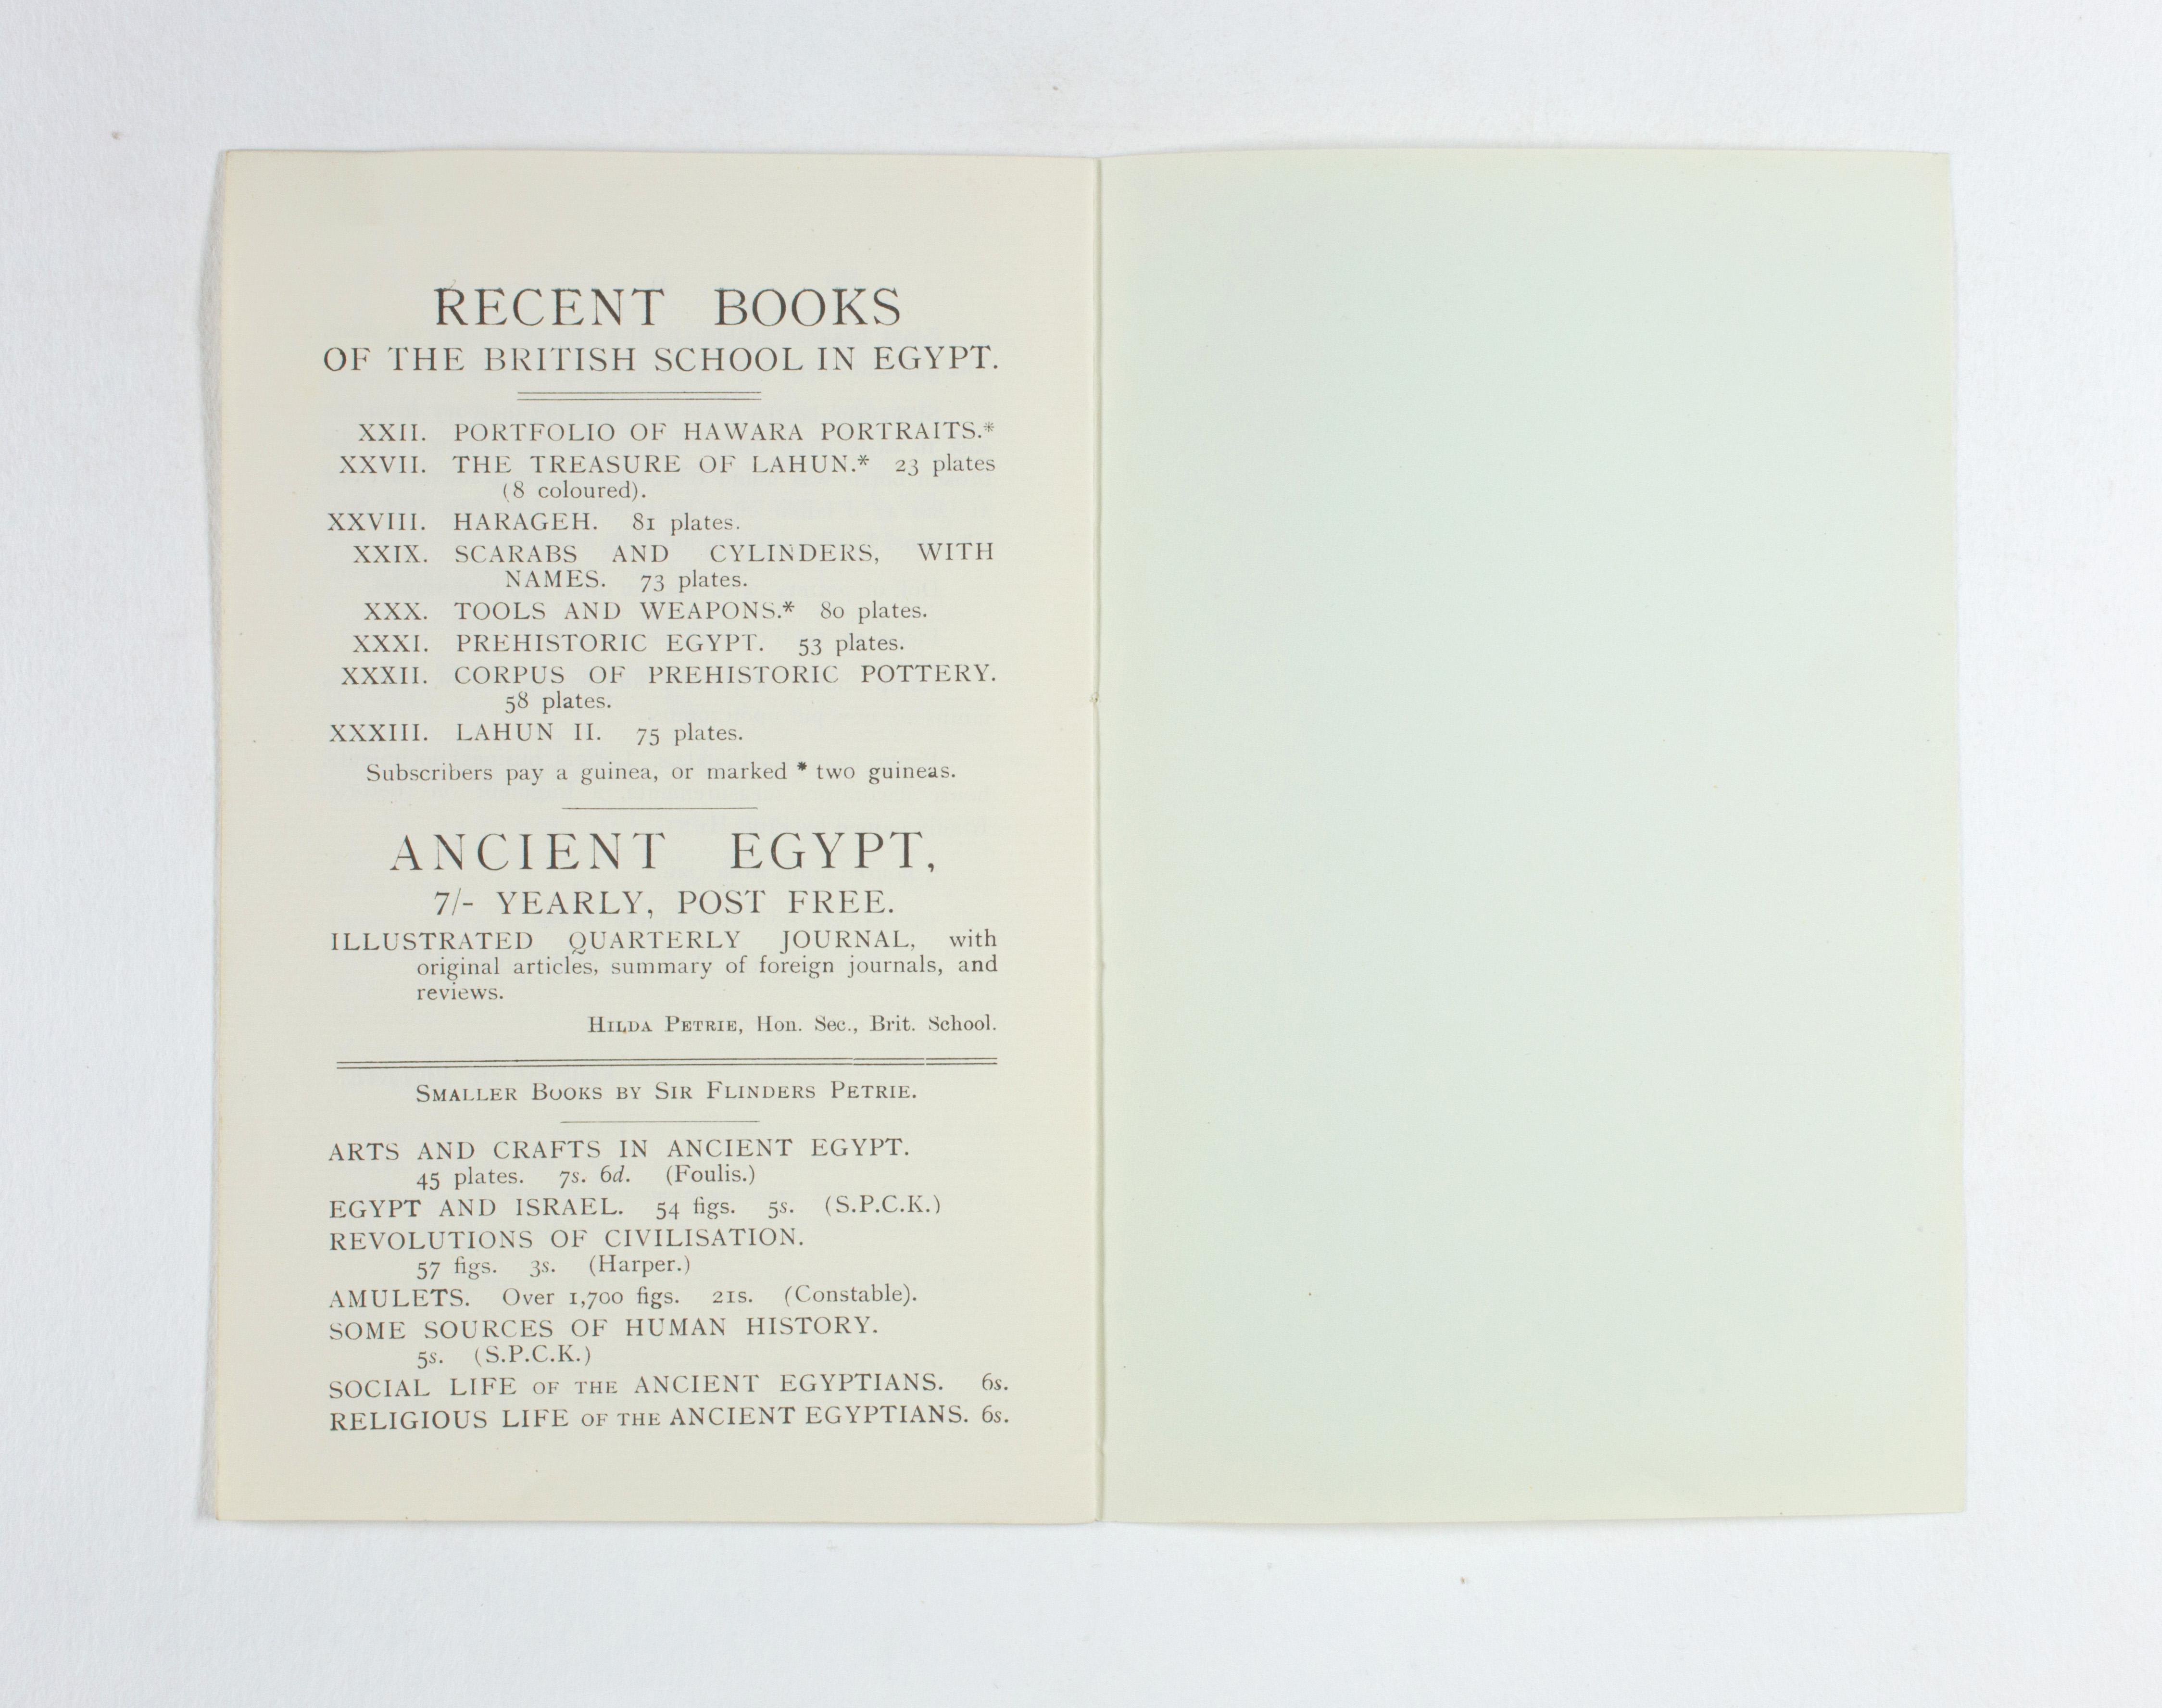 1923-24 Qau el-Kebir, Hemamieh Exhibition catalogue PMA/WFP1/D/27/36.9